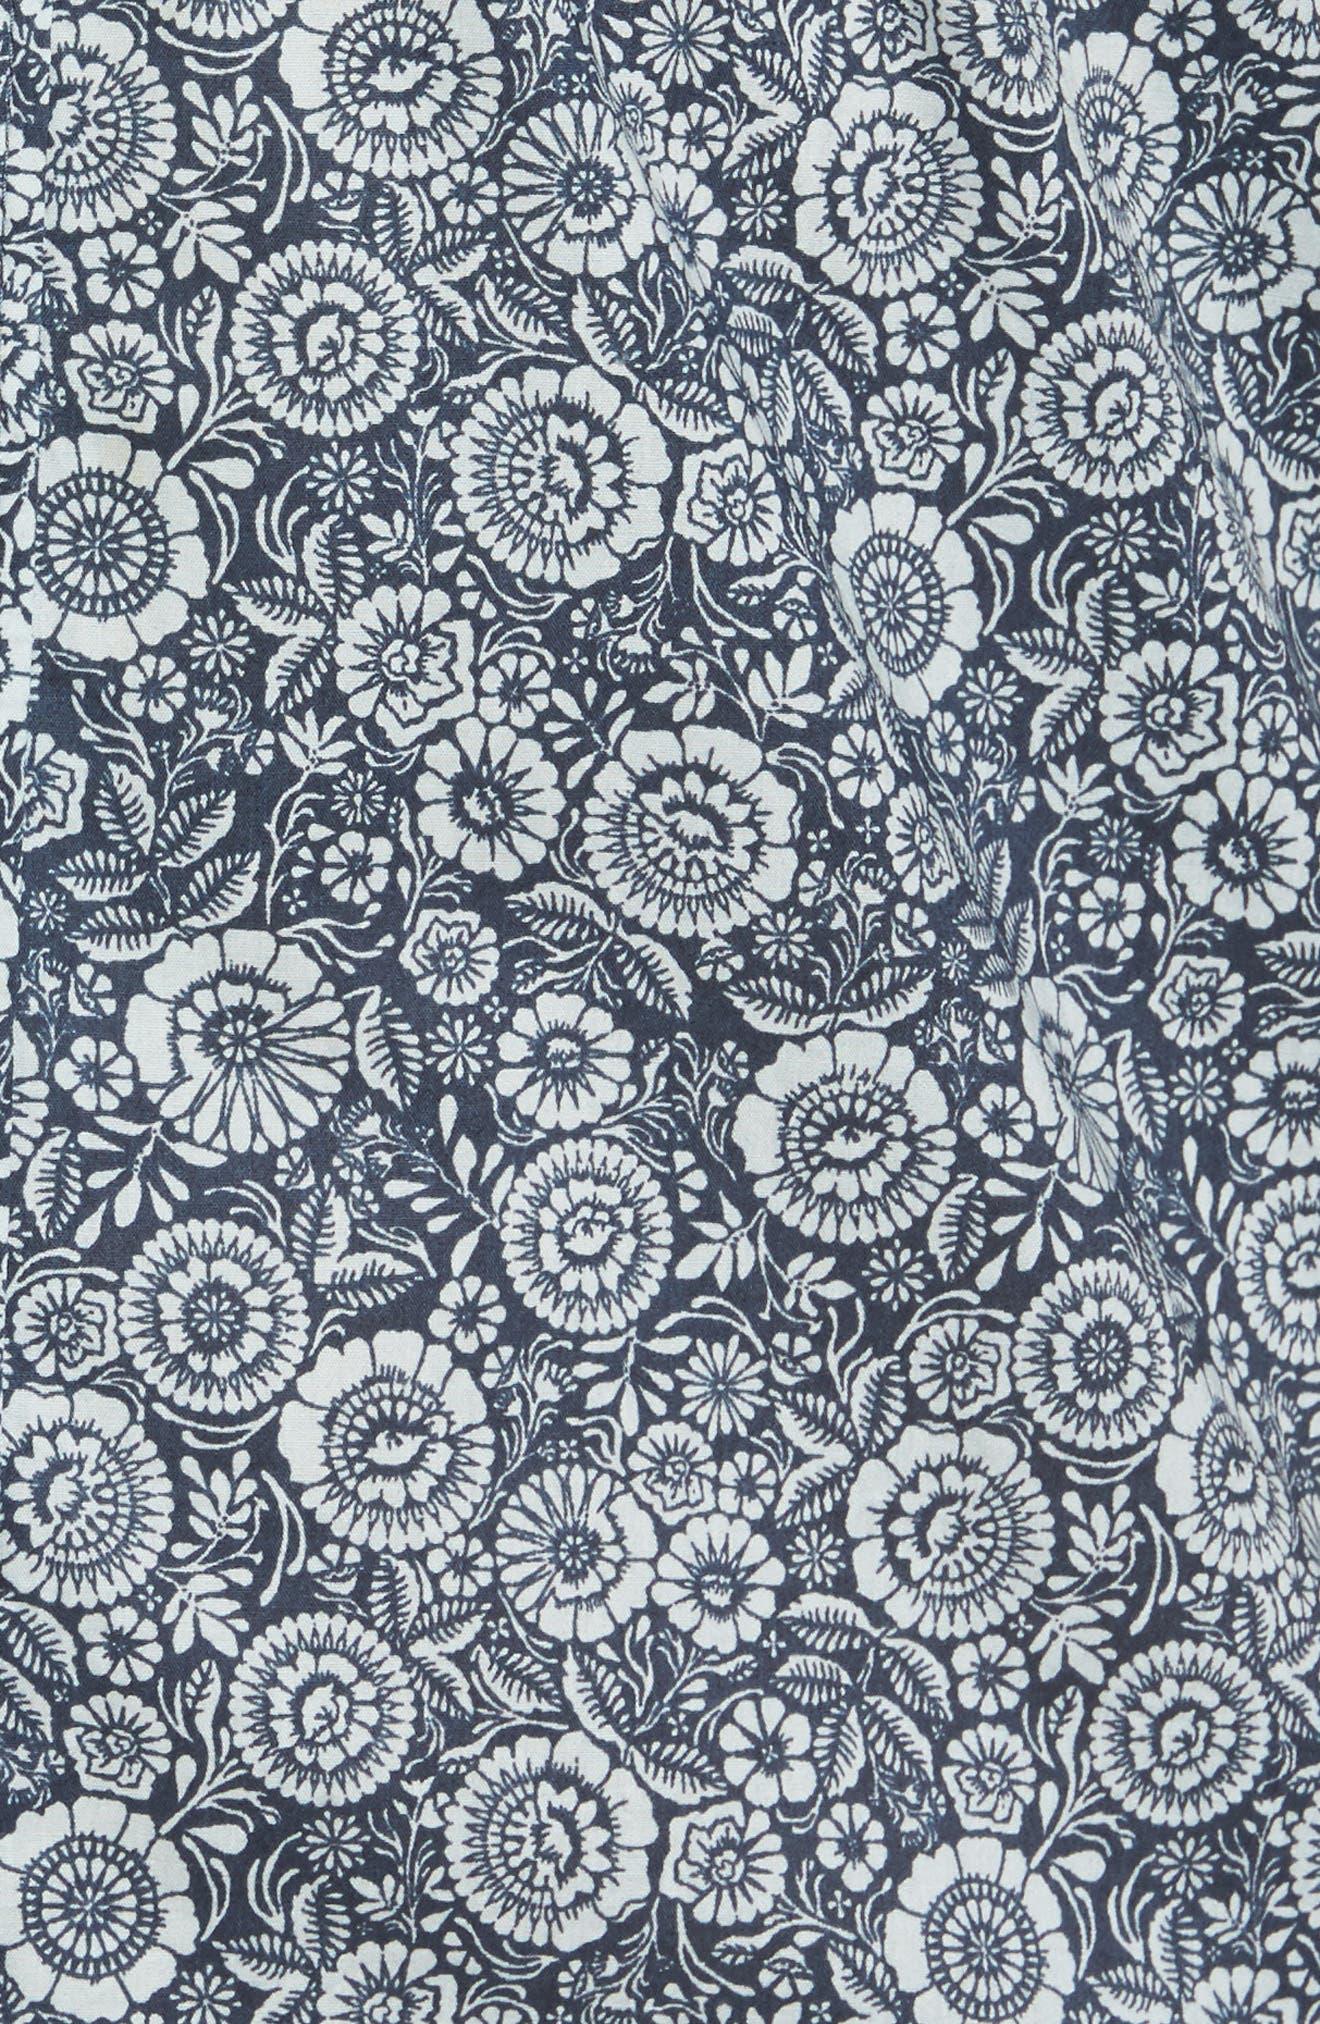 Sundays Mini Woven Shirt,                             Alternate thumbnail 5, color,                             050